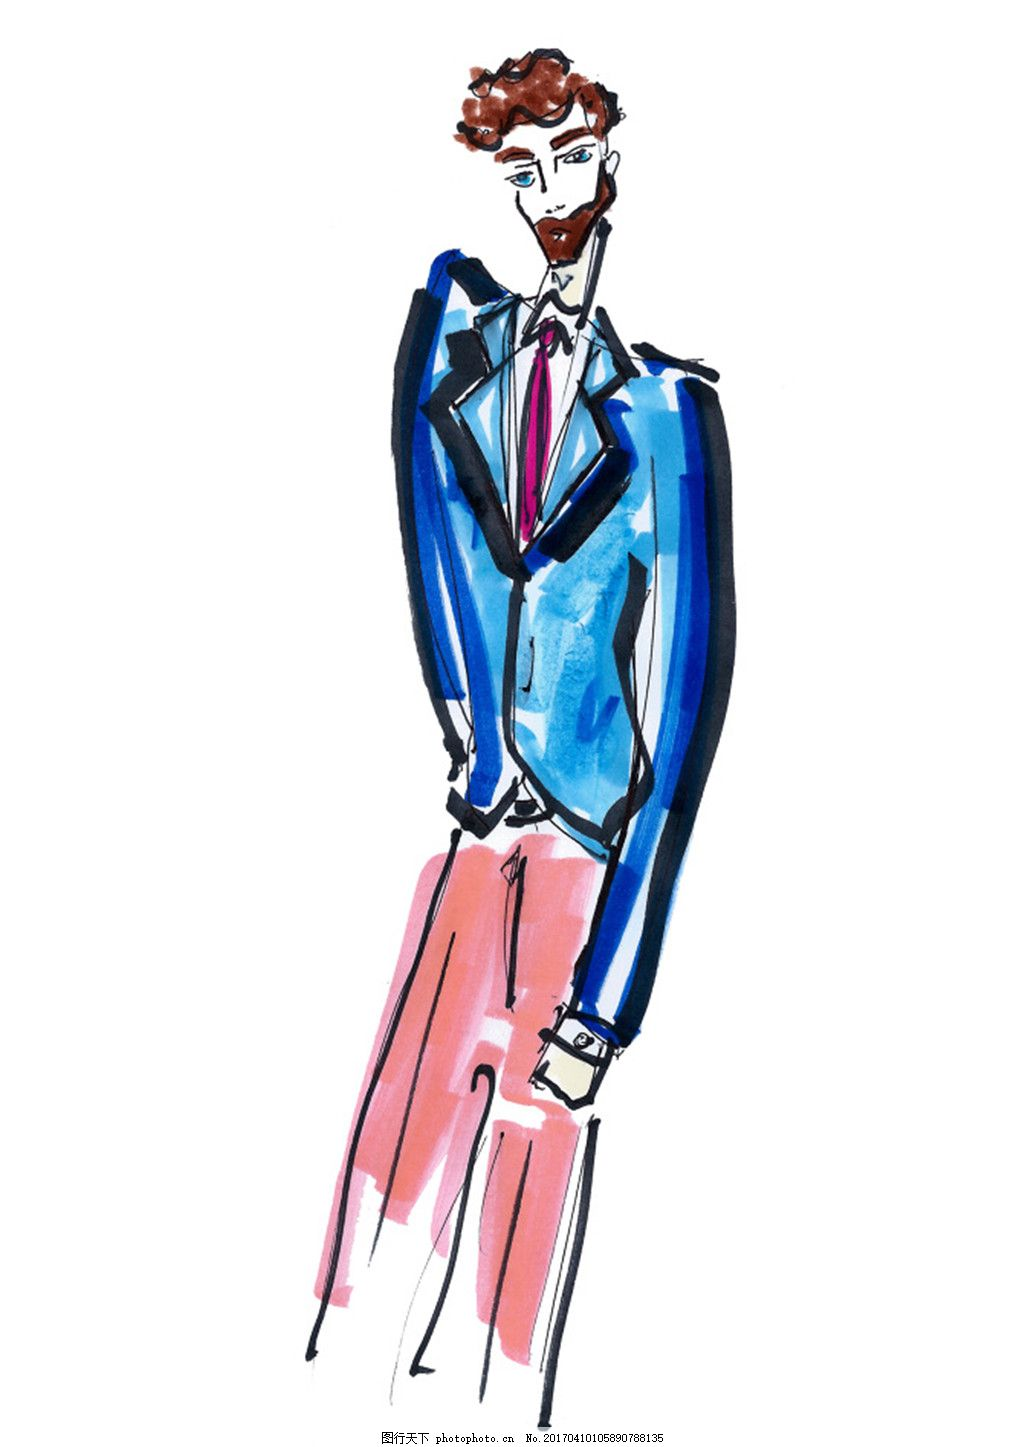 西服红西裤设计图 服装设计 时尚男装 职业男装 职业装 男装设计效果